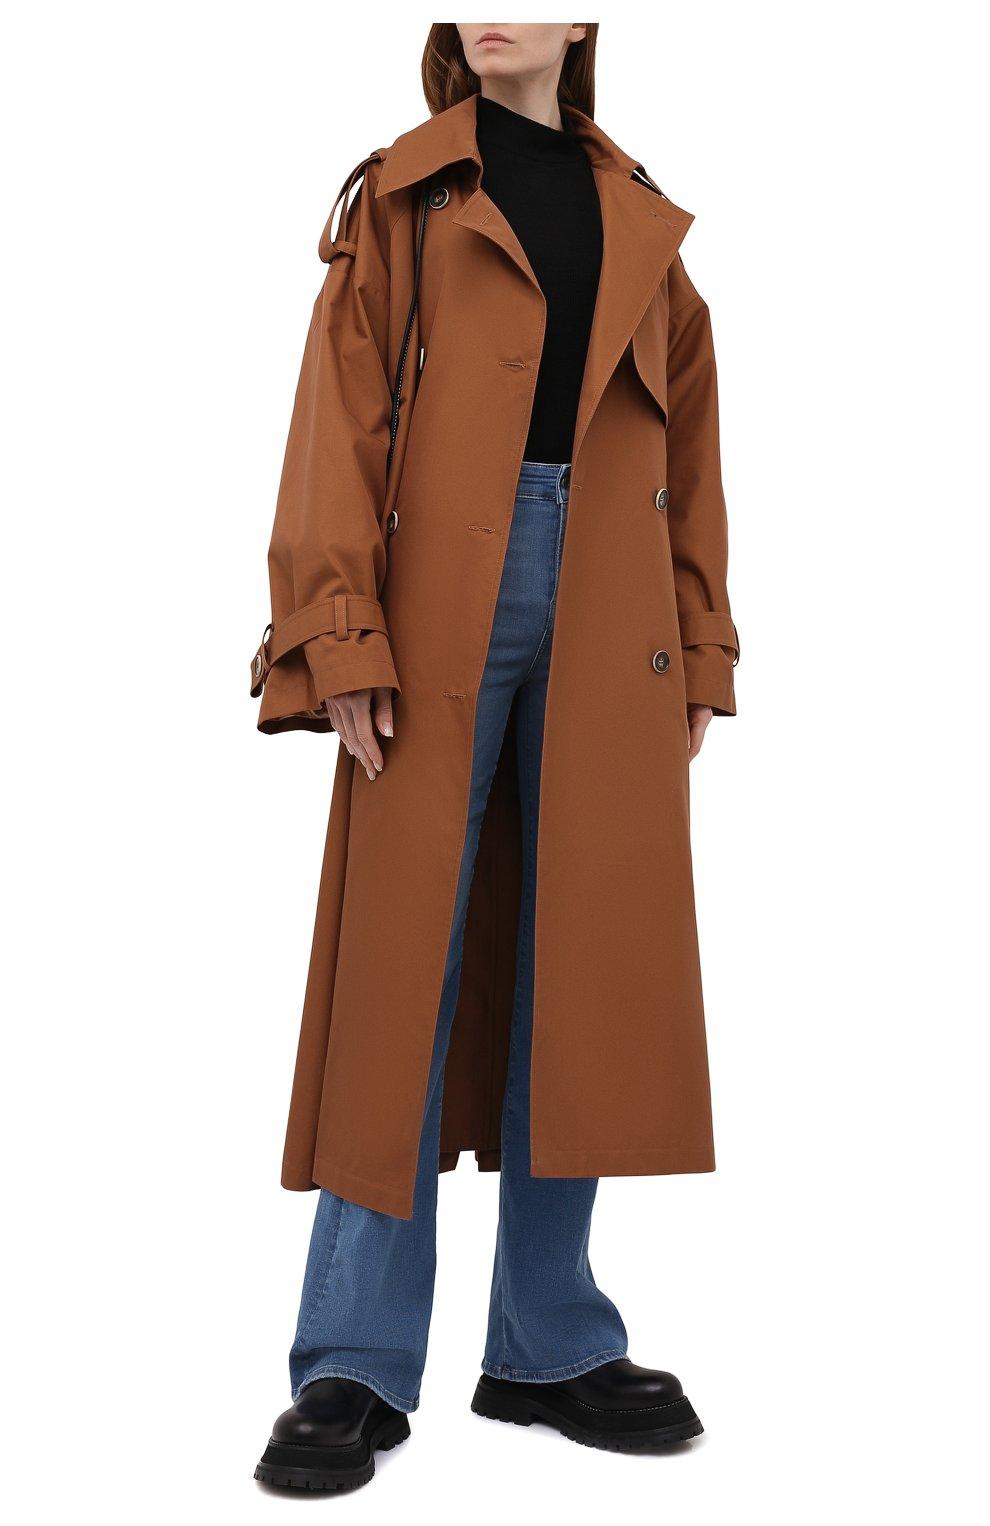 Женский двубортный тренч LESYANEBO коричневого цвета, арт. SS21/Н-465_9 | Фото 2 (Рукава: Длинные; Материал внешний: Синтетический материал, Хлопок; Длина (верхняя одежда): Длинные; Стили: Кэжуэл)